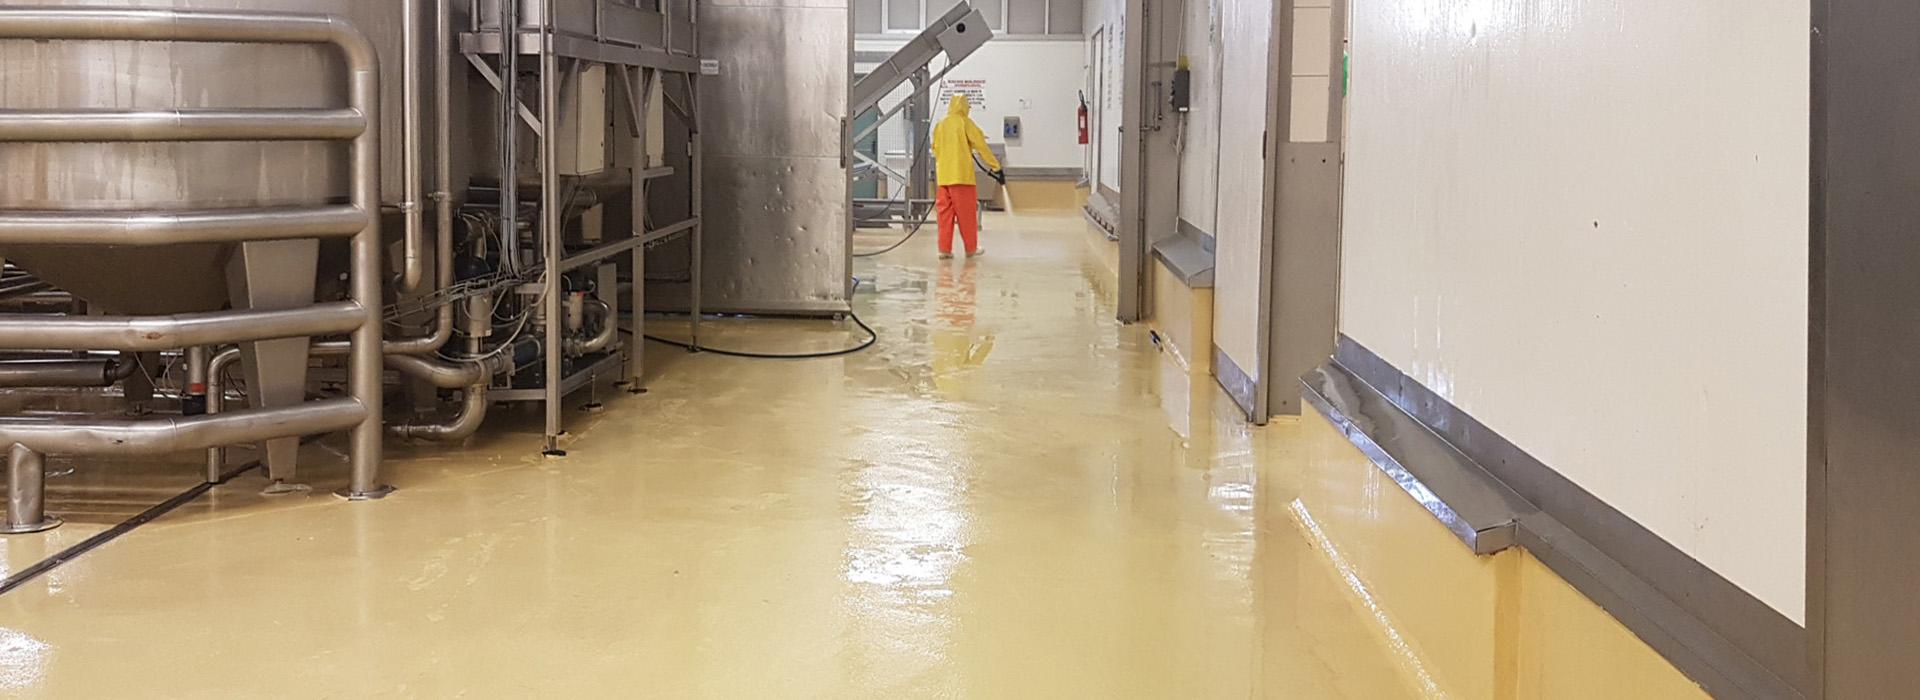 Cemento levigato nelle pavimentazioni con alta resistenza all'abrasione